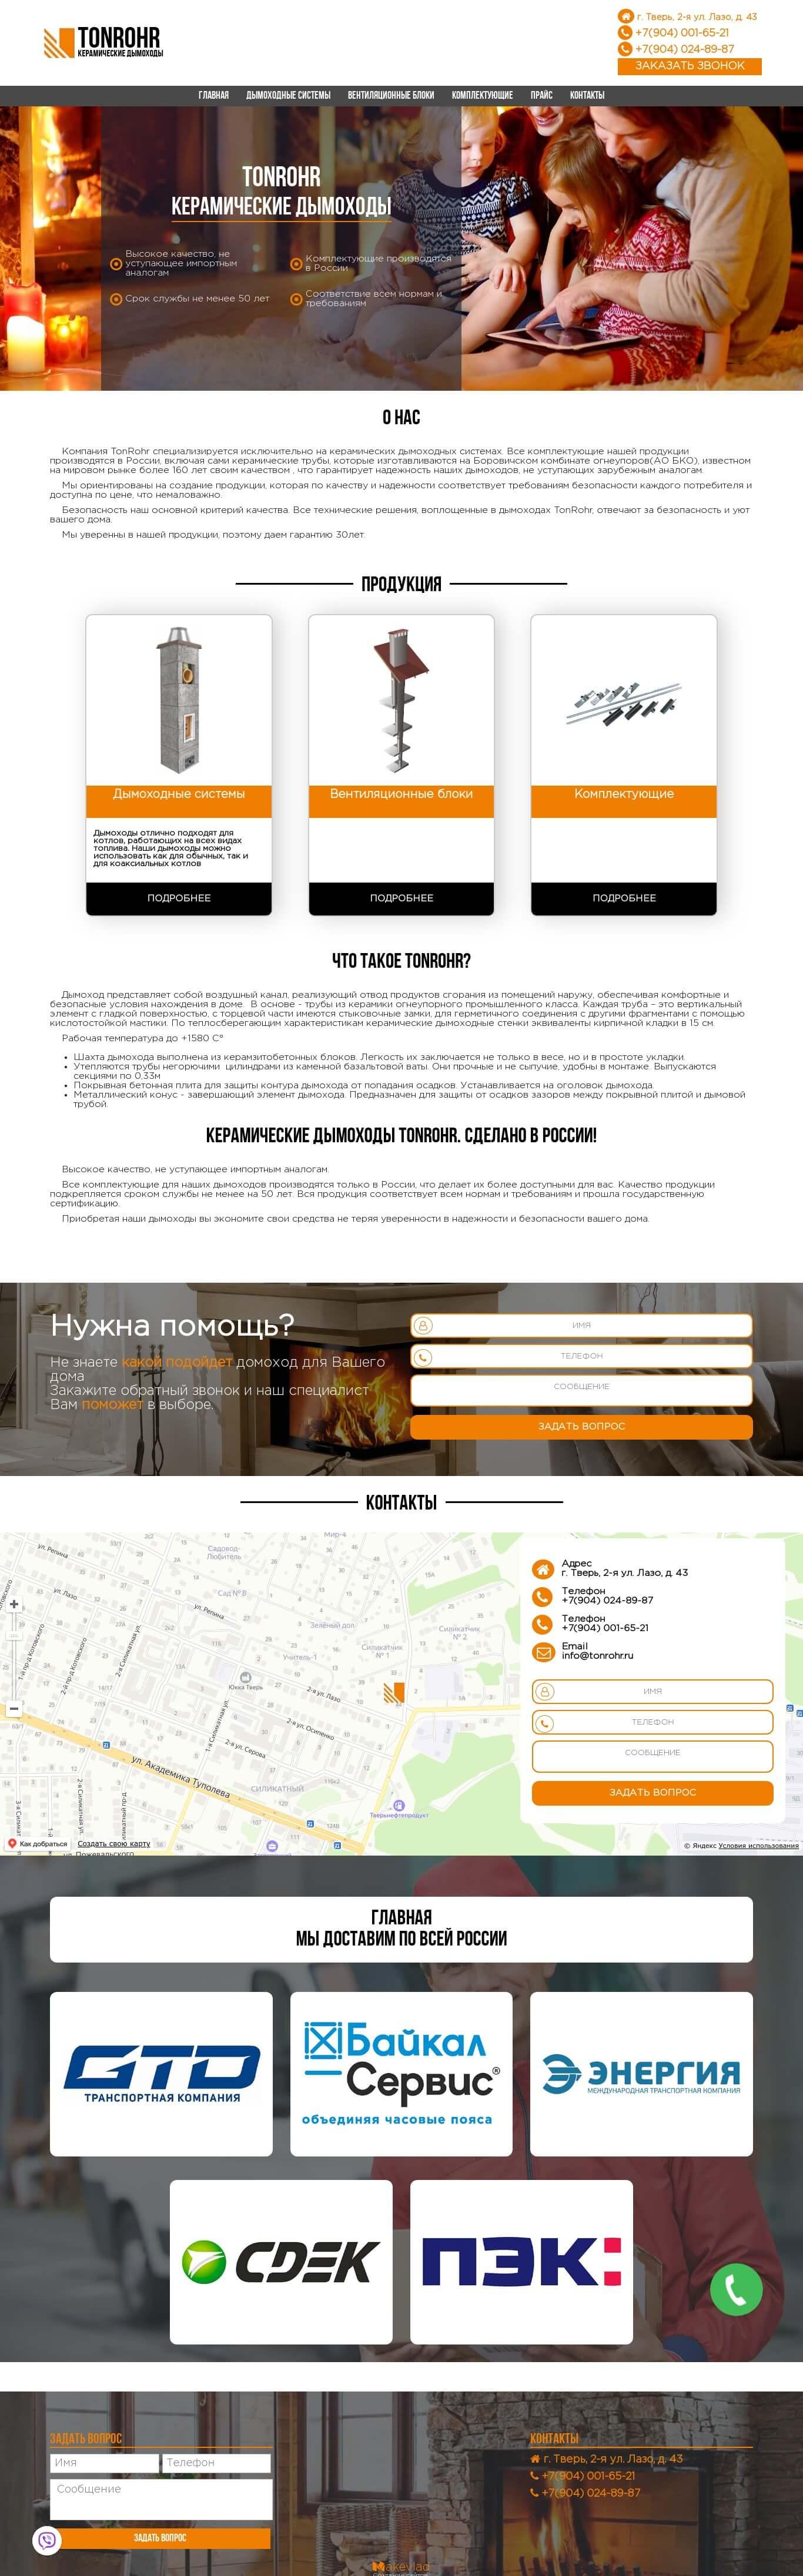 Скриншот №1 страницы сайта во весь экран. Создание сайта для керамических дымоходов